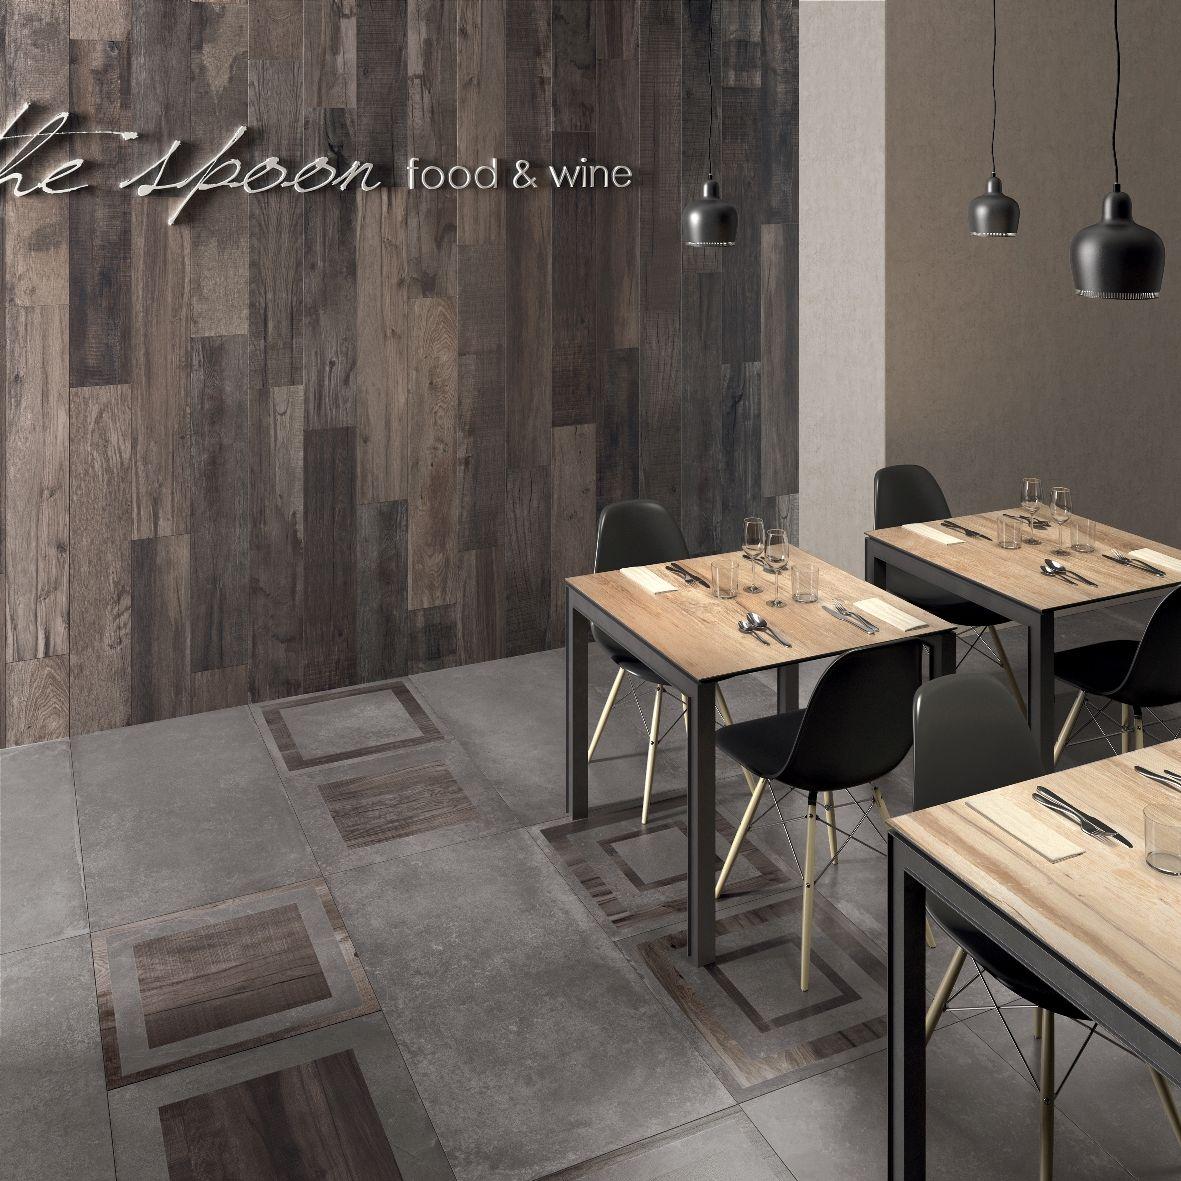 Questo ristorante un esempio di crossover abkemozioni wall dolphin coal floor unika smoke - Piastrelle decorative per pareti ...